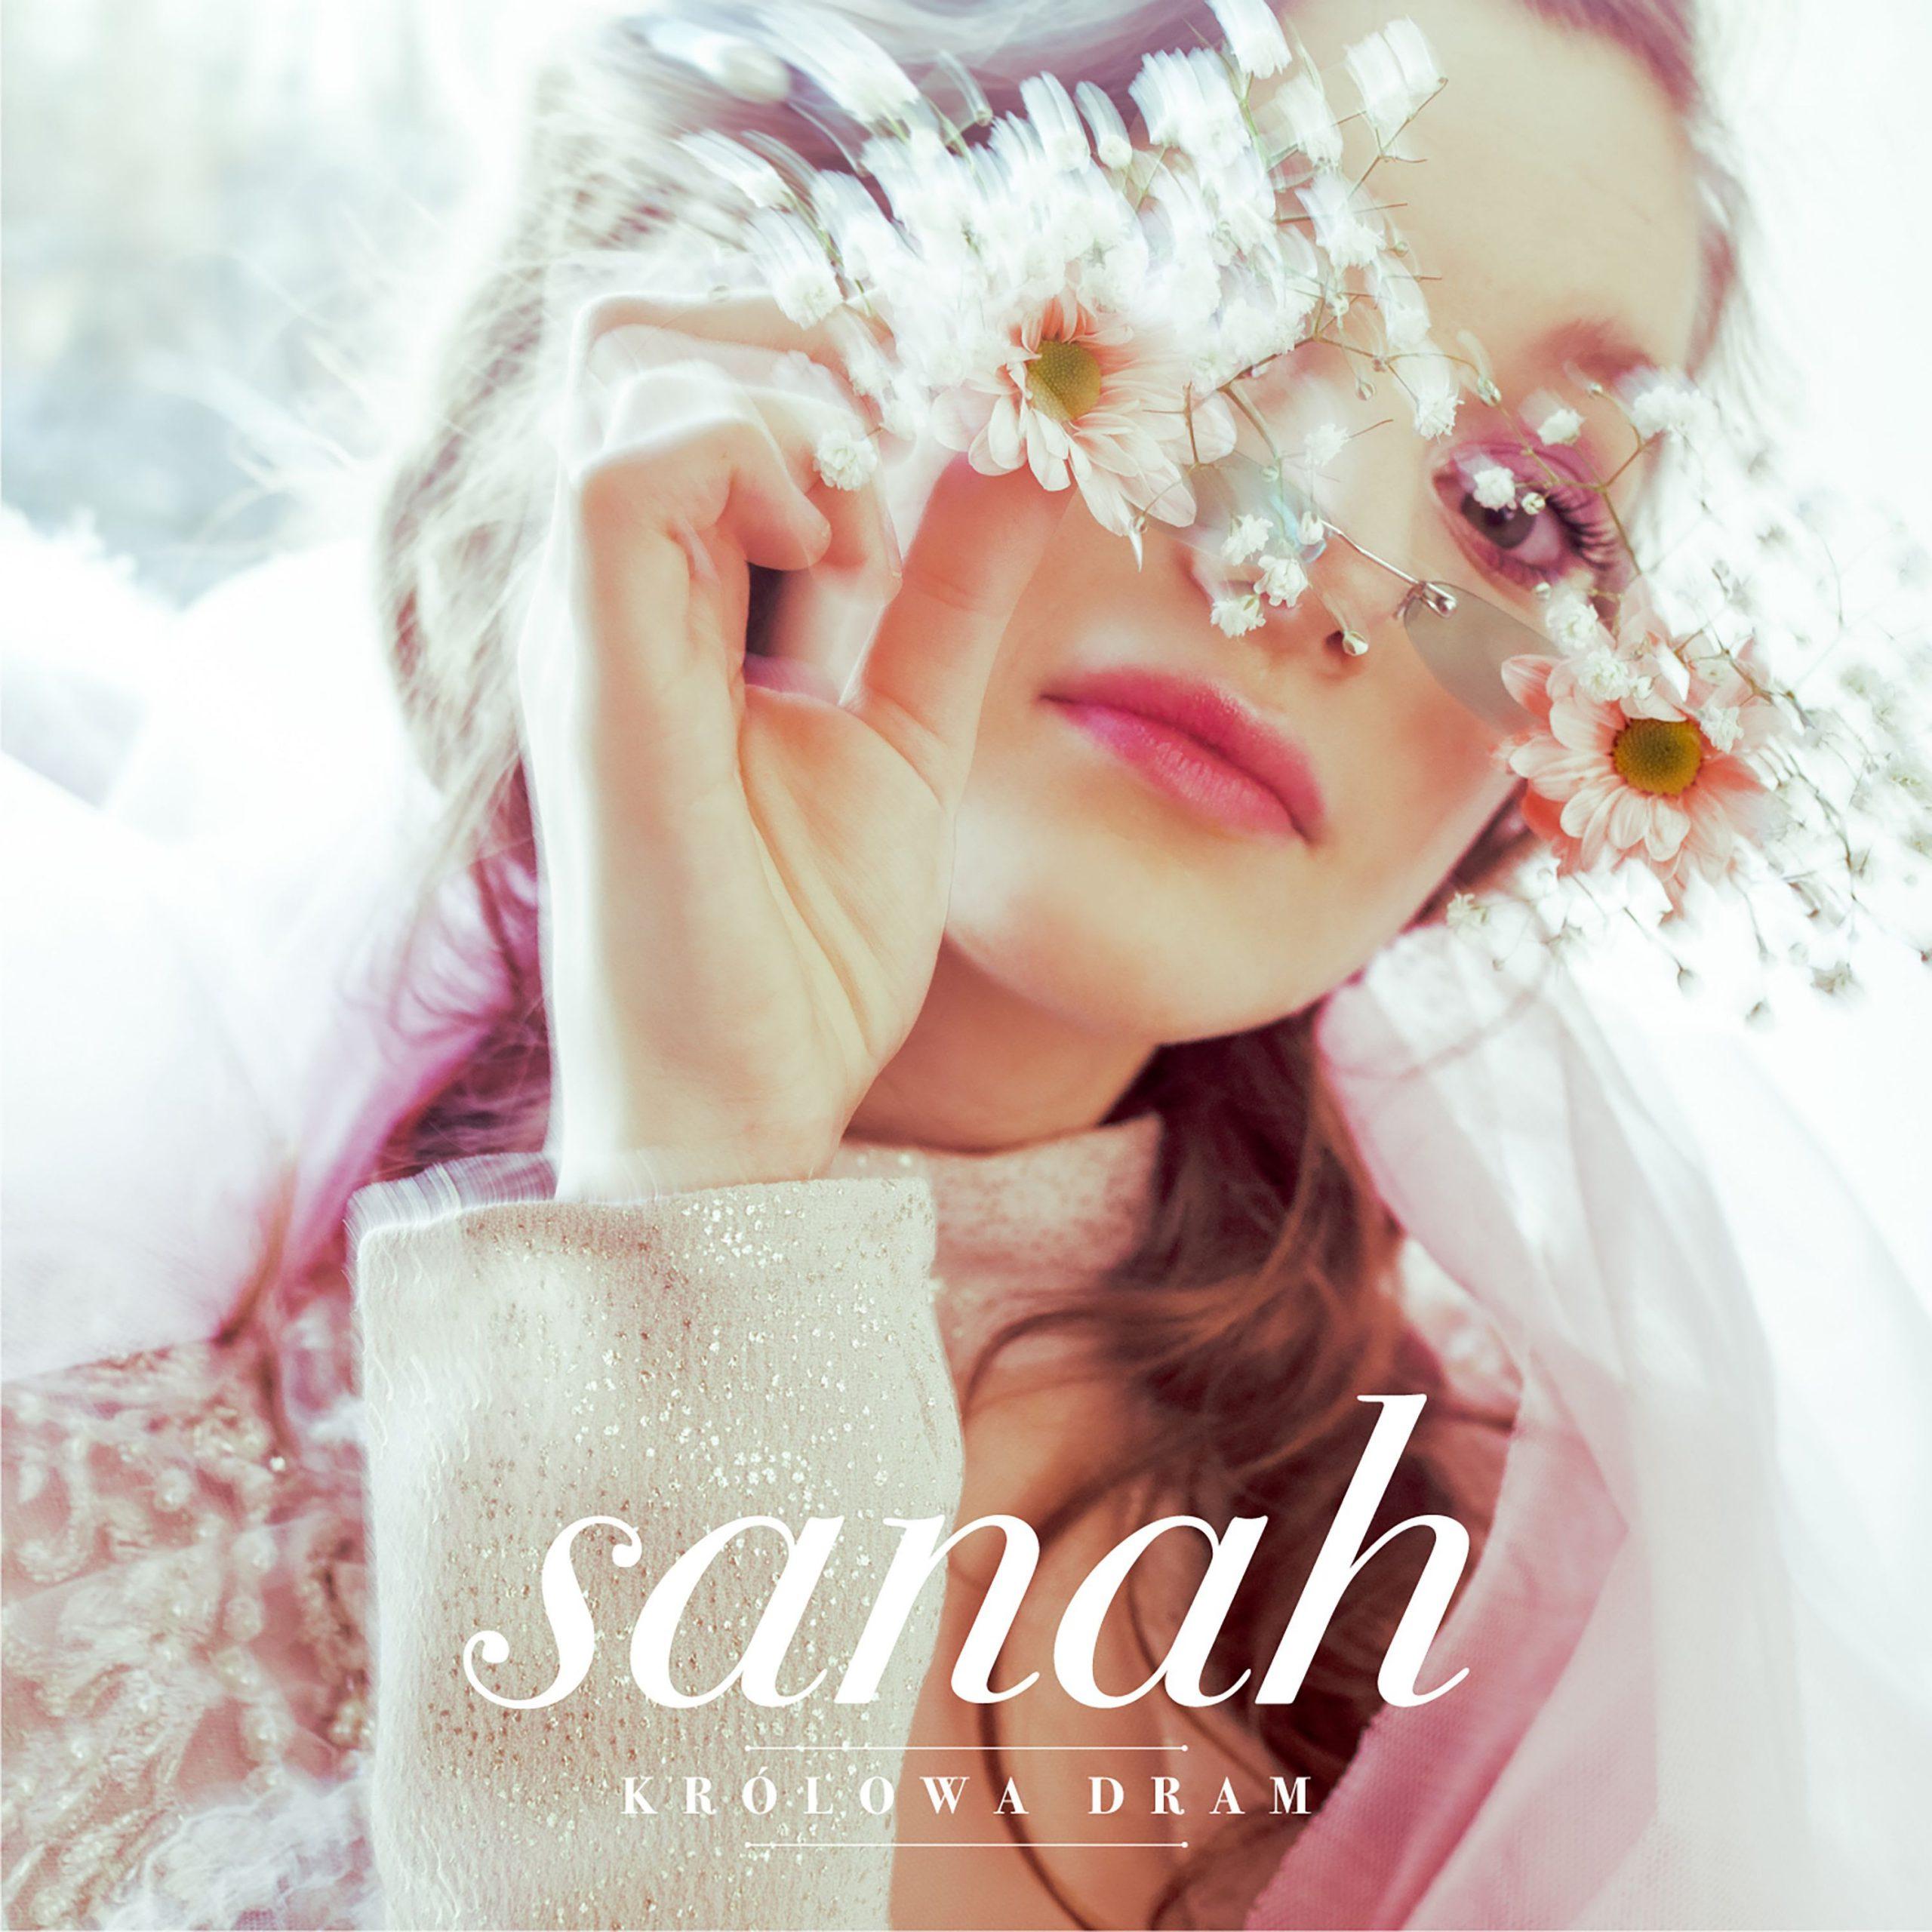 """sanah w wizjonerskim klipie do piosenki """"Królowa dram""""! » Mad-Music.pl"""